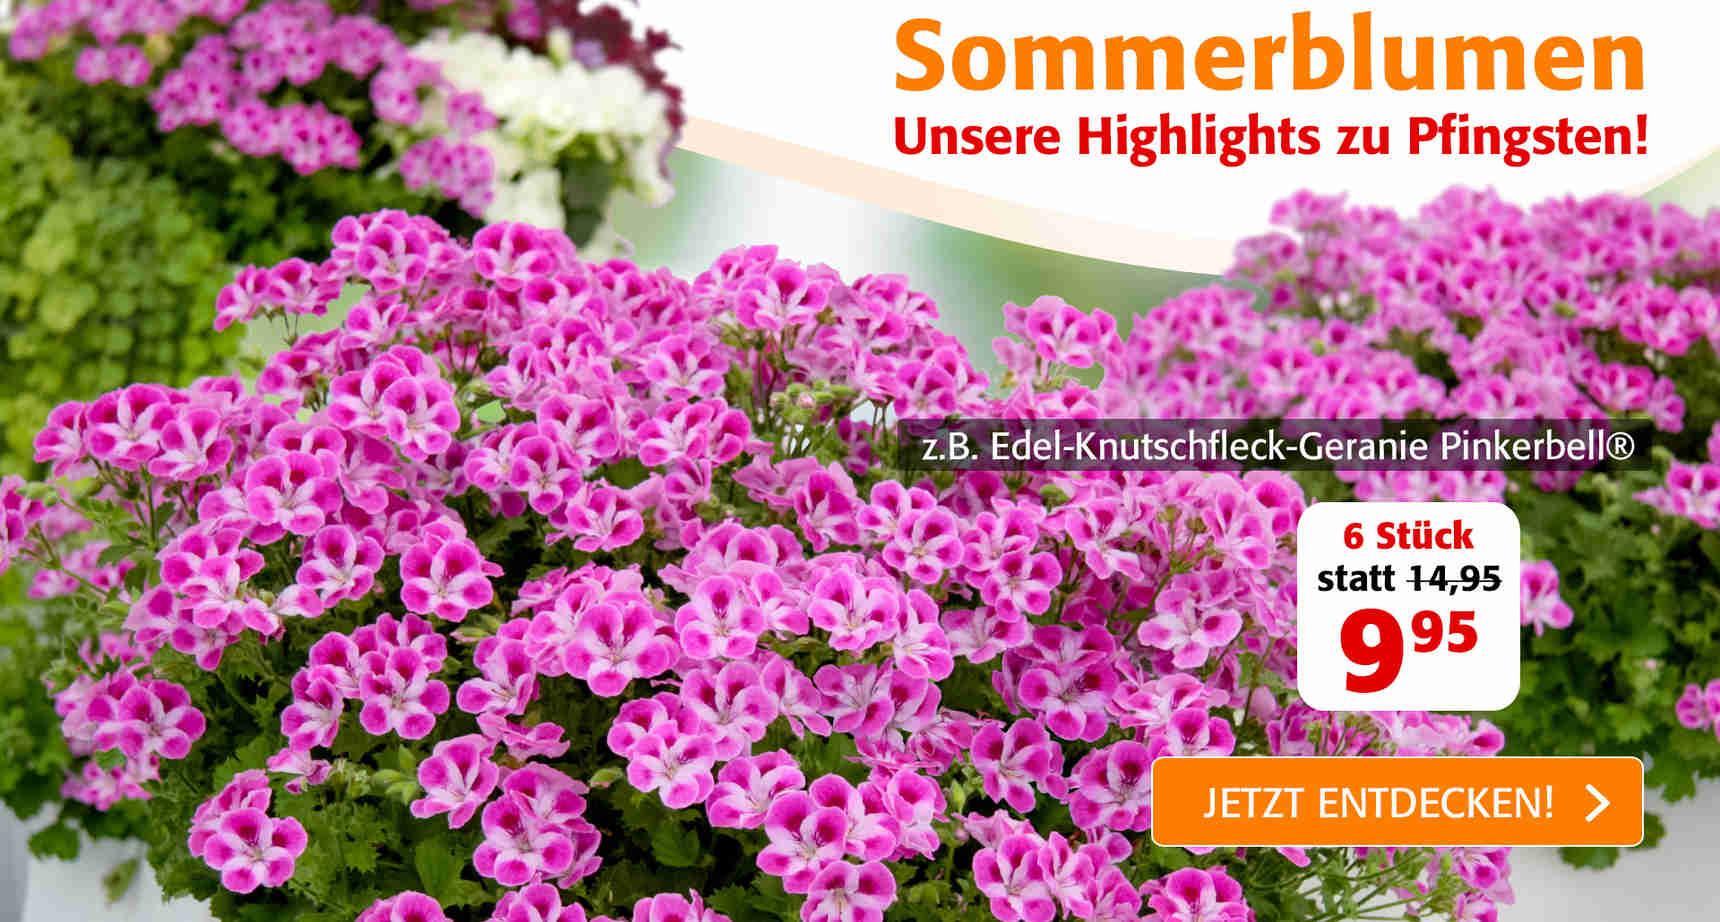 +++ (3) Sommerblumen +++ - 1